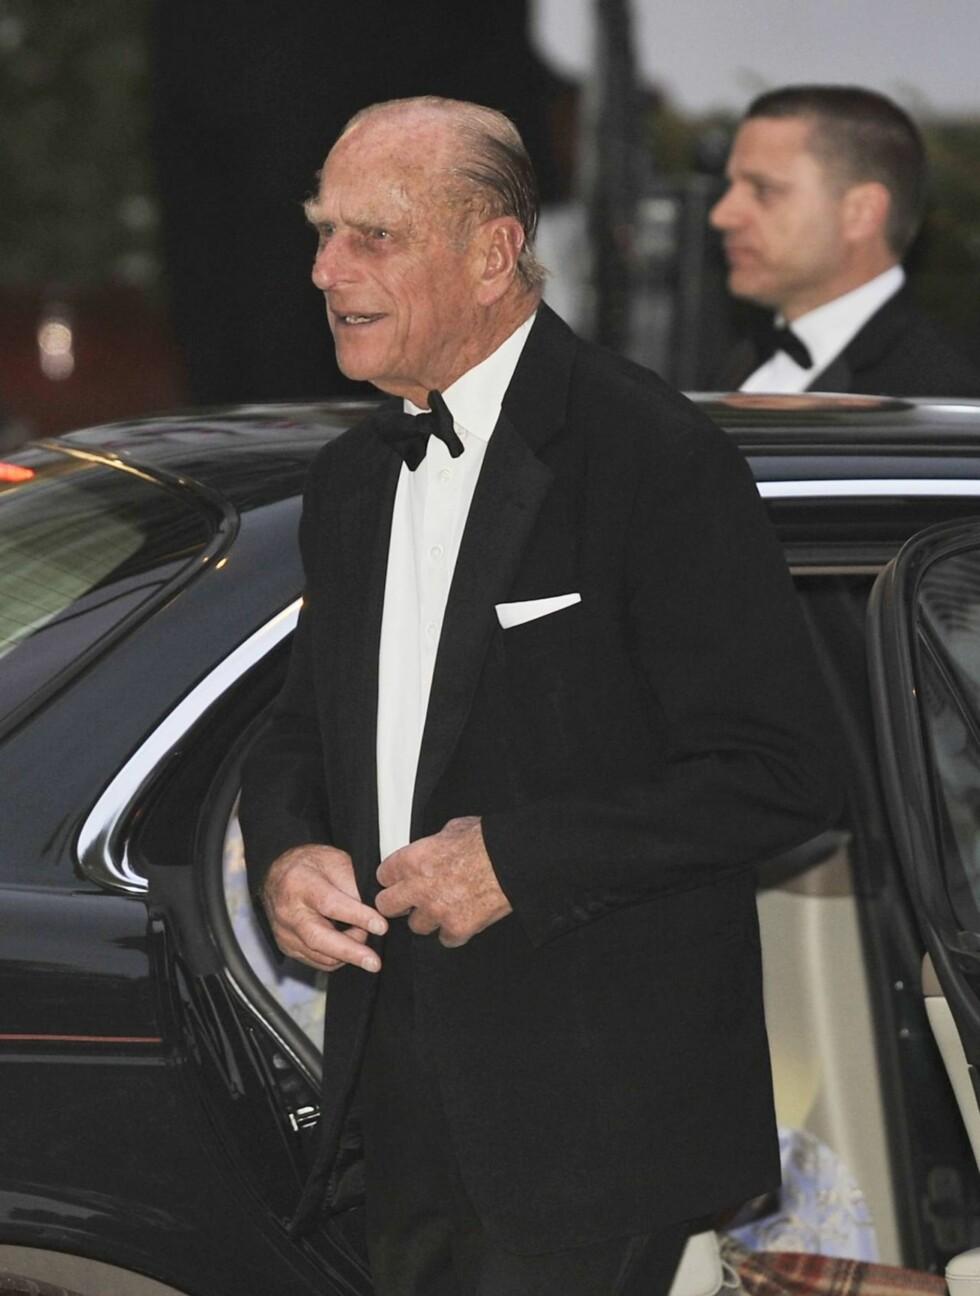 PÅ FEST: Britiske prins Philip ankommer festen i forkant av bryllupet til sitt barnebarn prins William. Foto: Stella Pictures